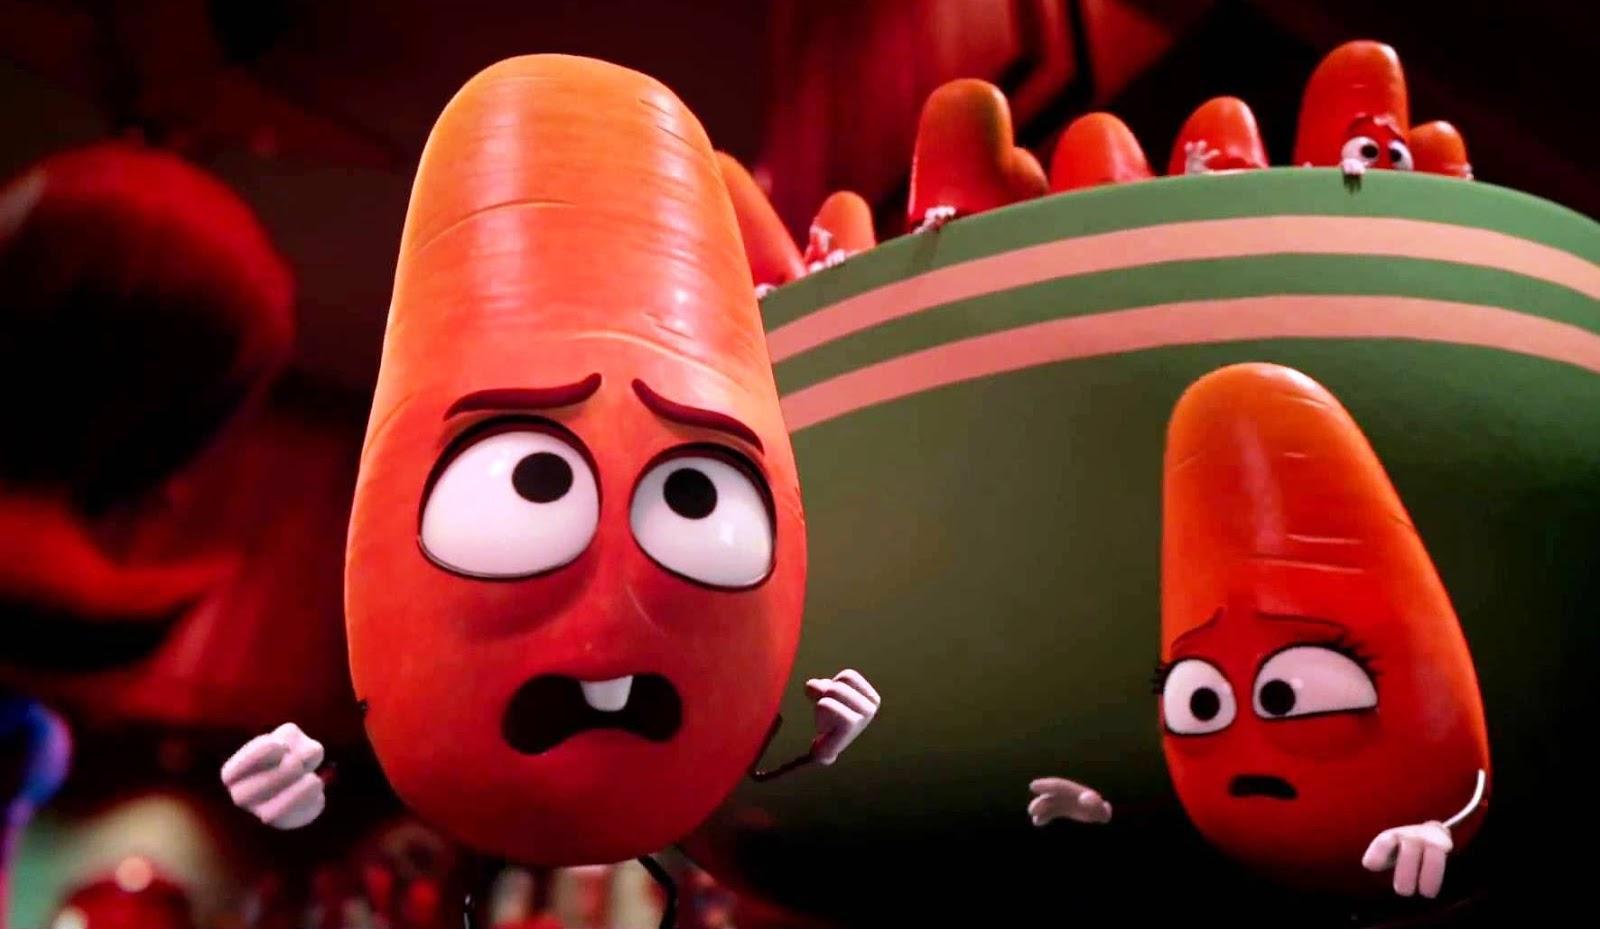 Fotos, Curiosidades, Comunicação, Jornalismo, Marketing, Propaganda, Mídia Interessante 46faa-festa-da-salsicha Nova Animação Festa da Salsicha faz alimentos morrerem Humor Vídeos